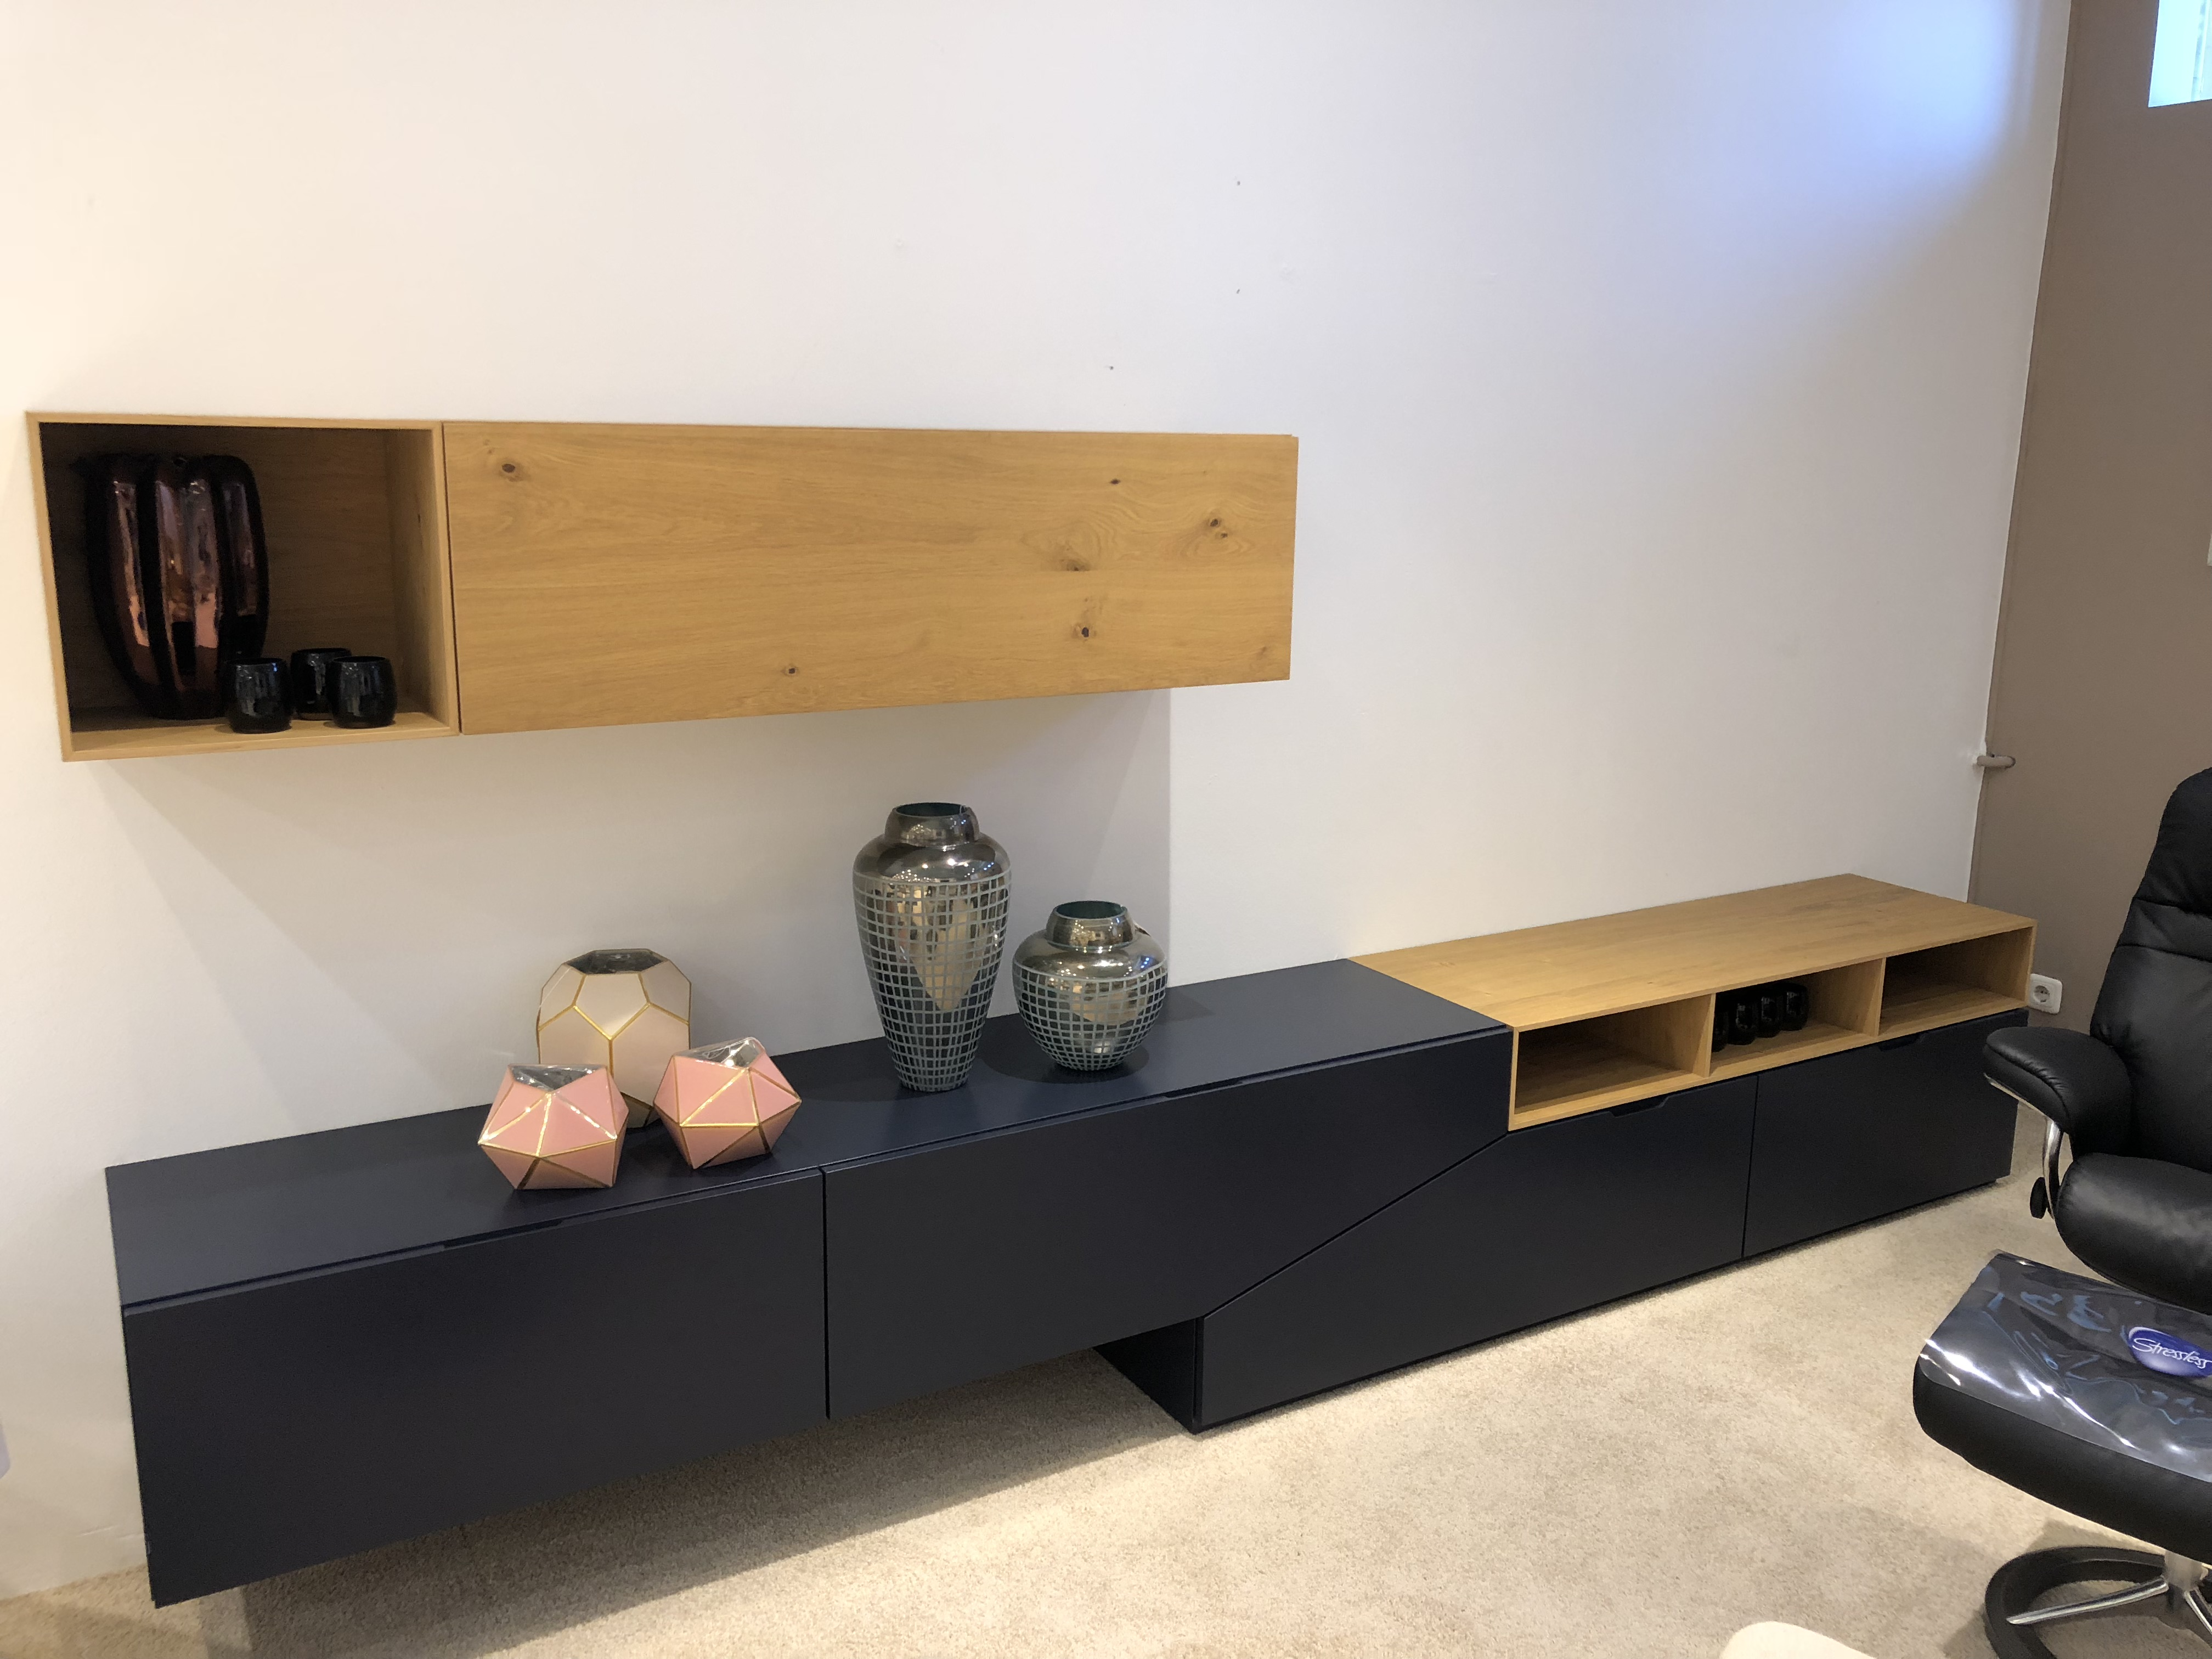 mein ausstellungsst ck aera vorschlag 673. Black Bedroom Furniture Sets. Home Design Ideas